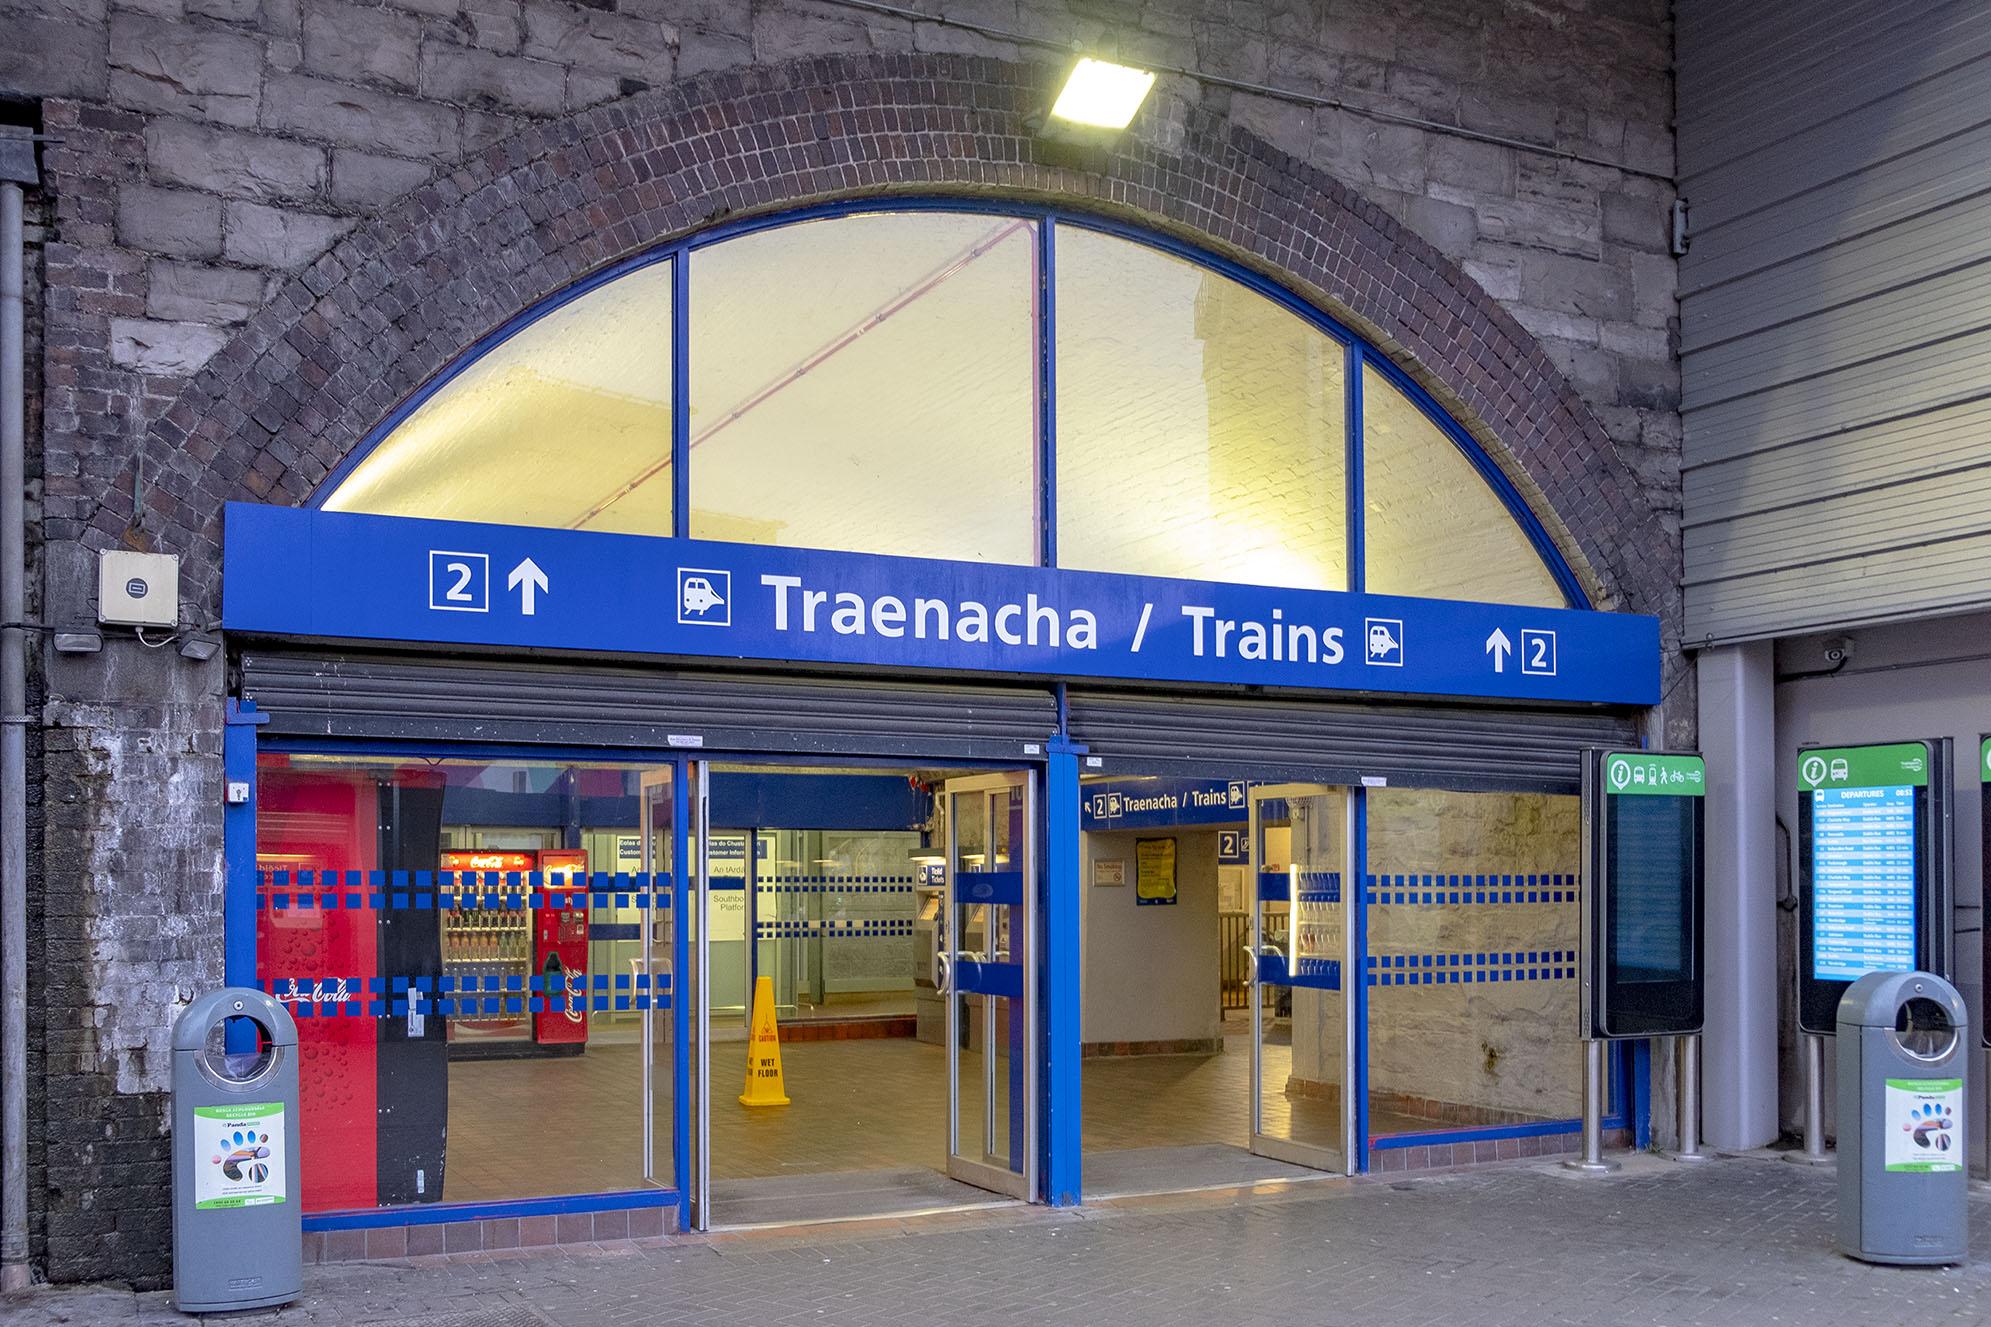 Tara street station Dublin